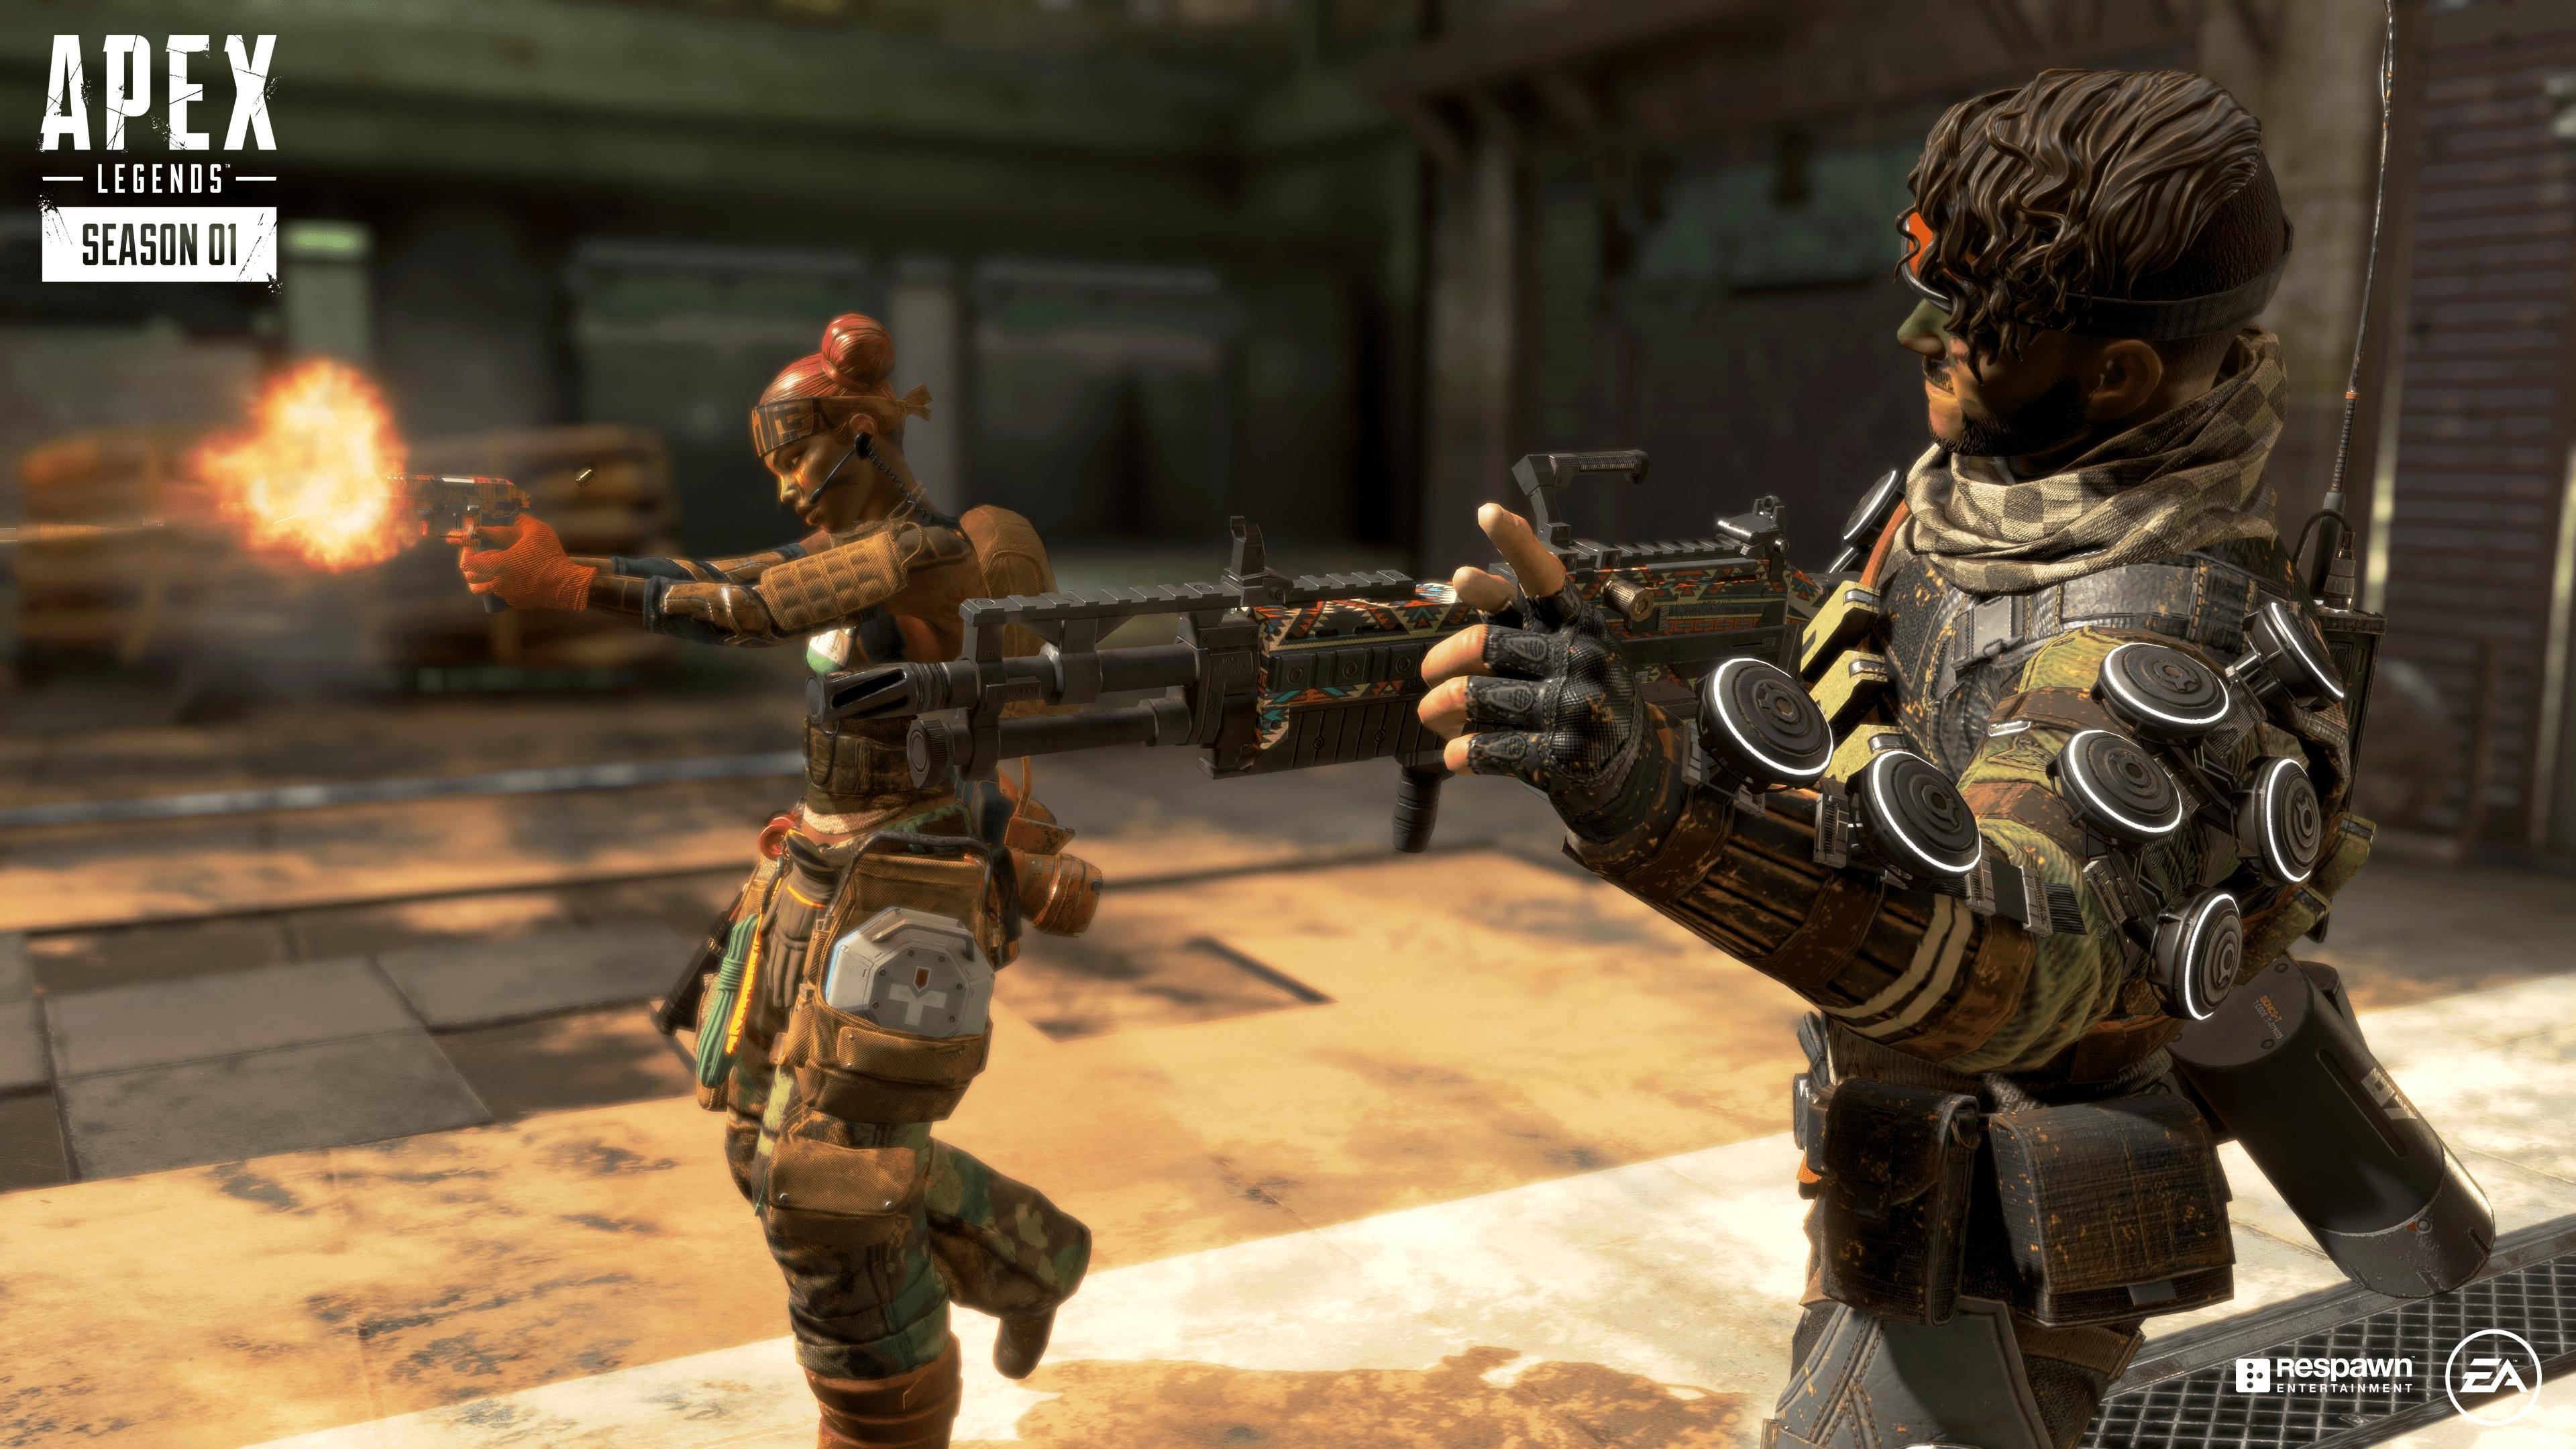 APEX_Legends_Screenshot_Season1_BattlePass_Duo-min